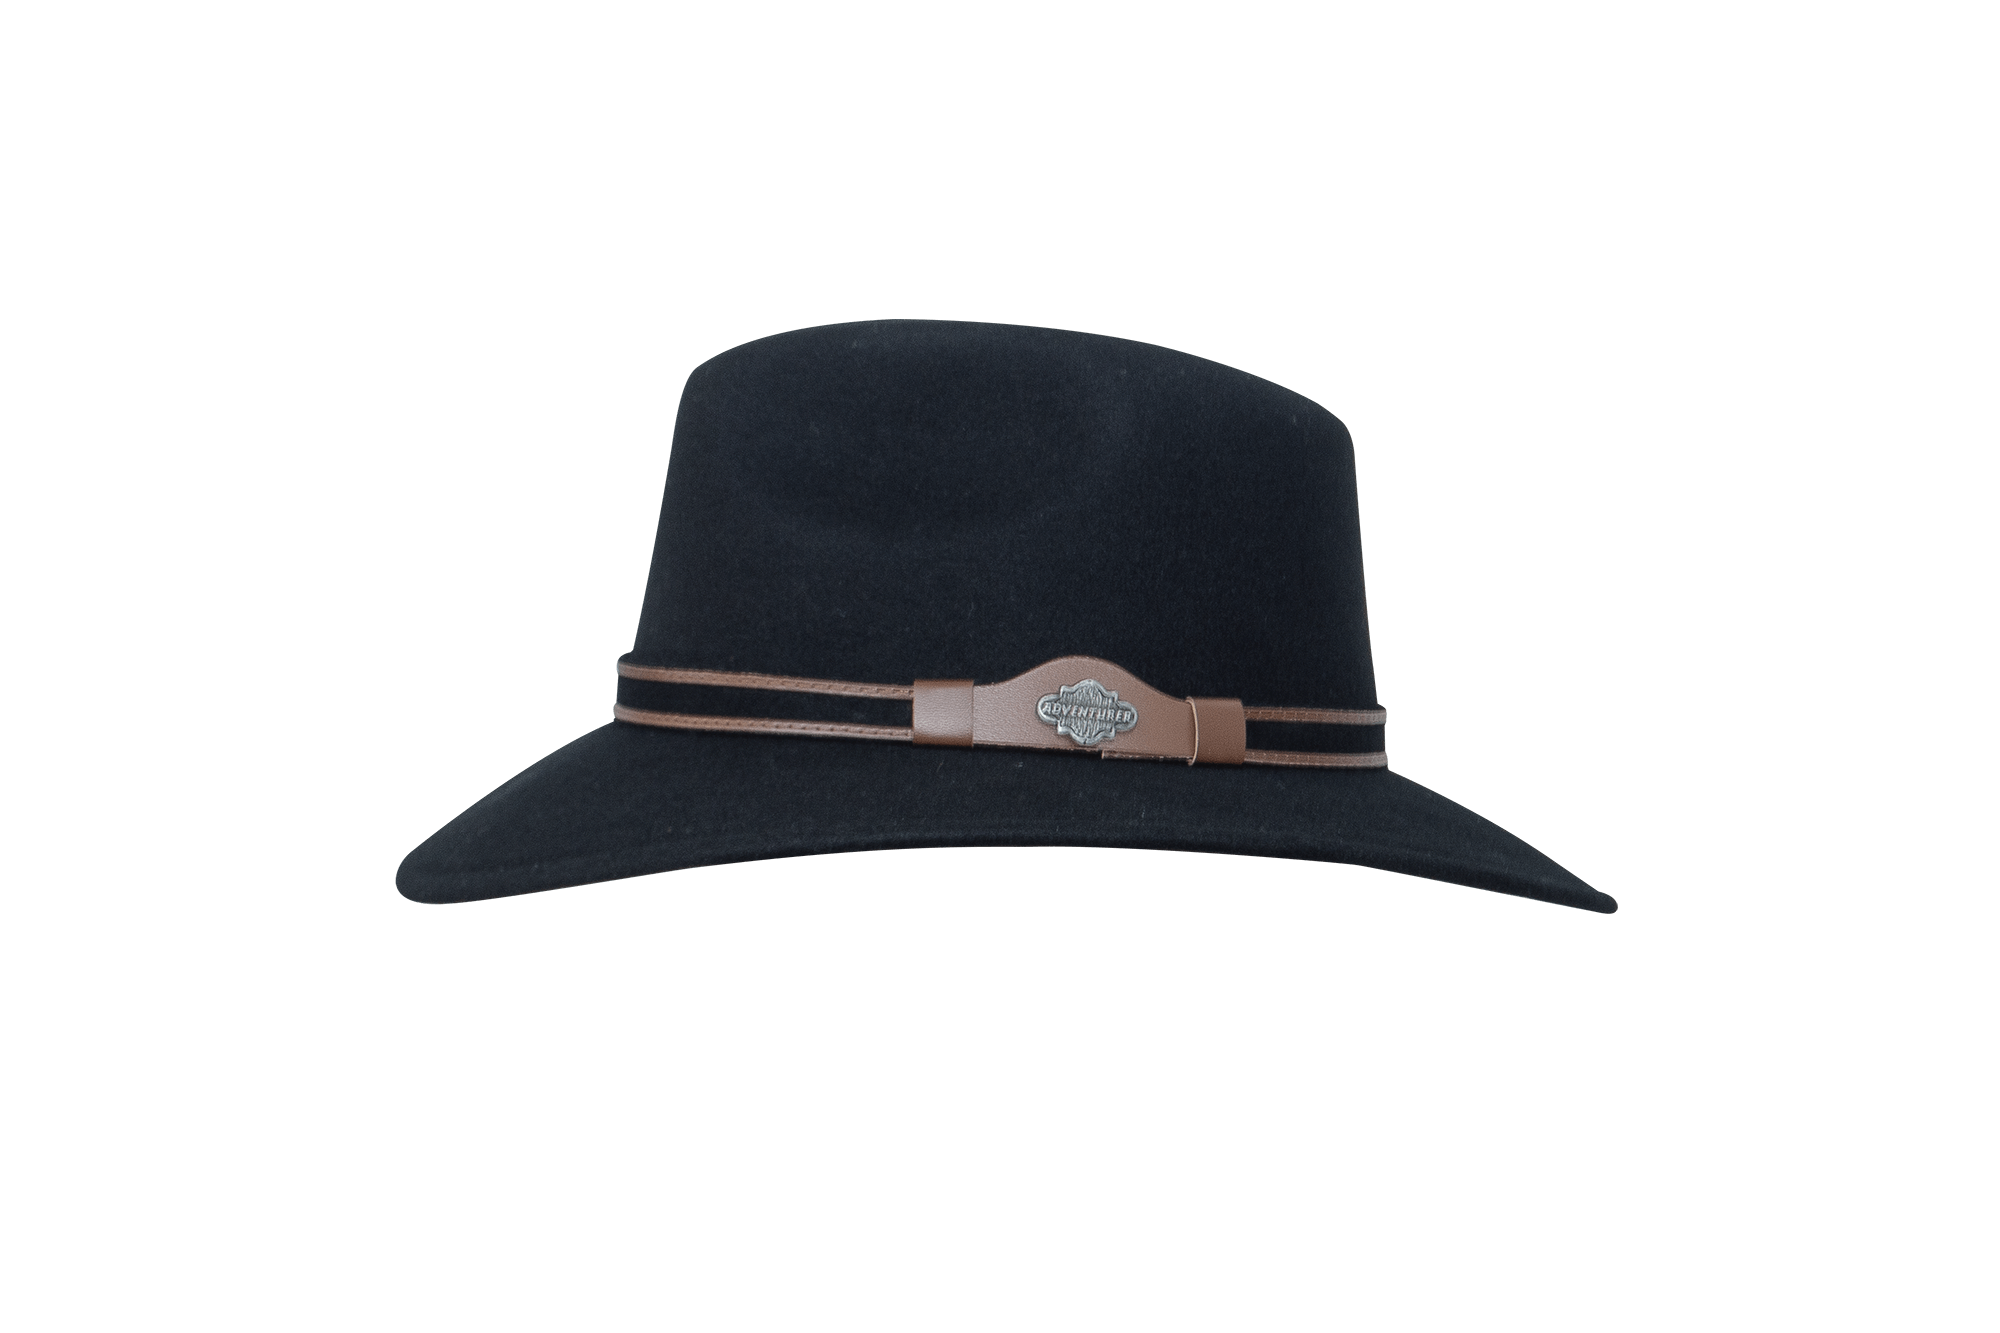 c9434d9a0f Texana explorer negro – Tombstone Sombreros Vaqueros